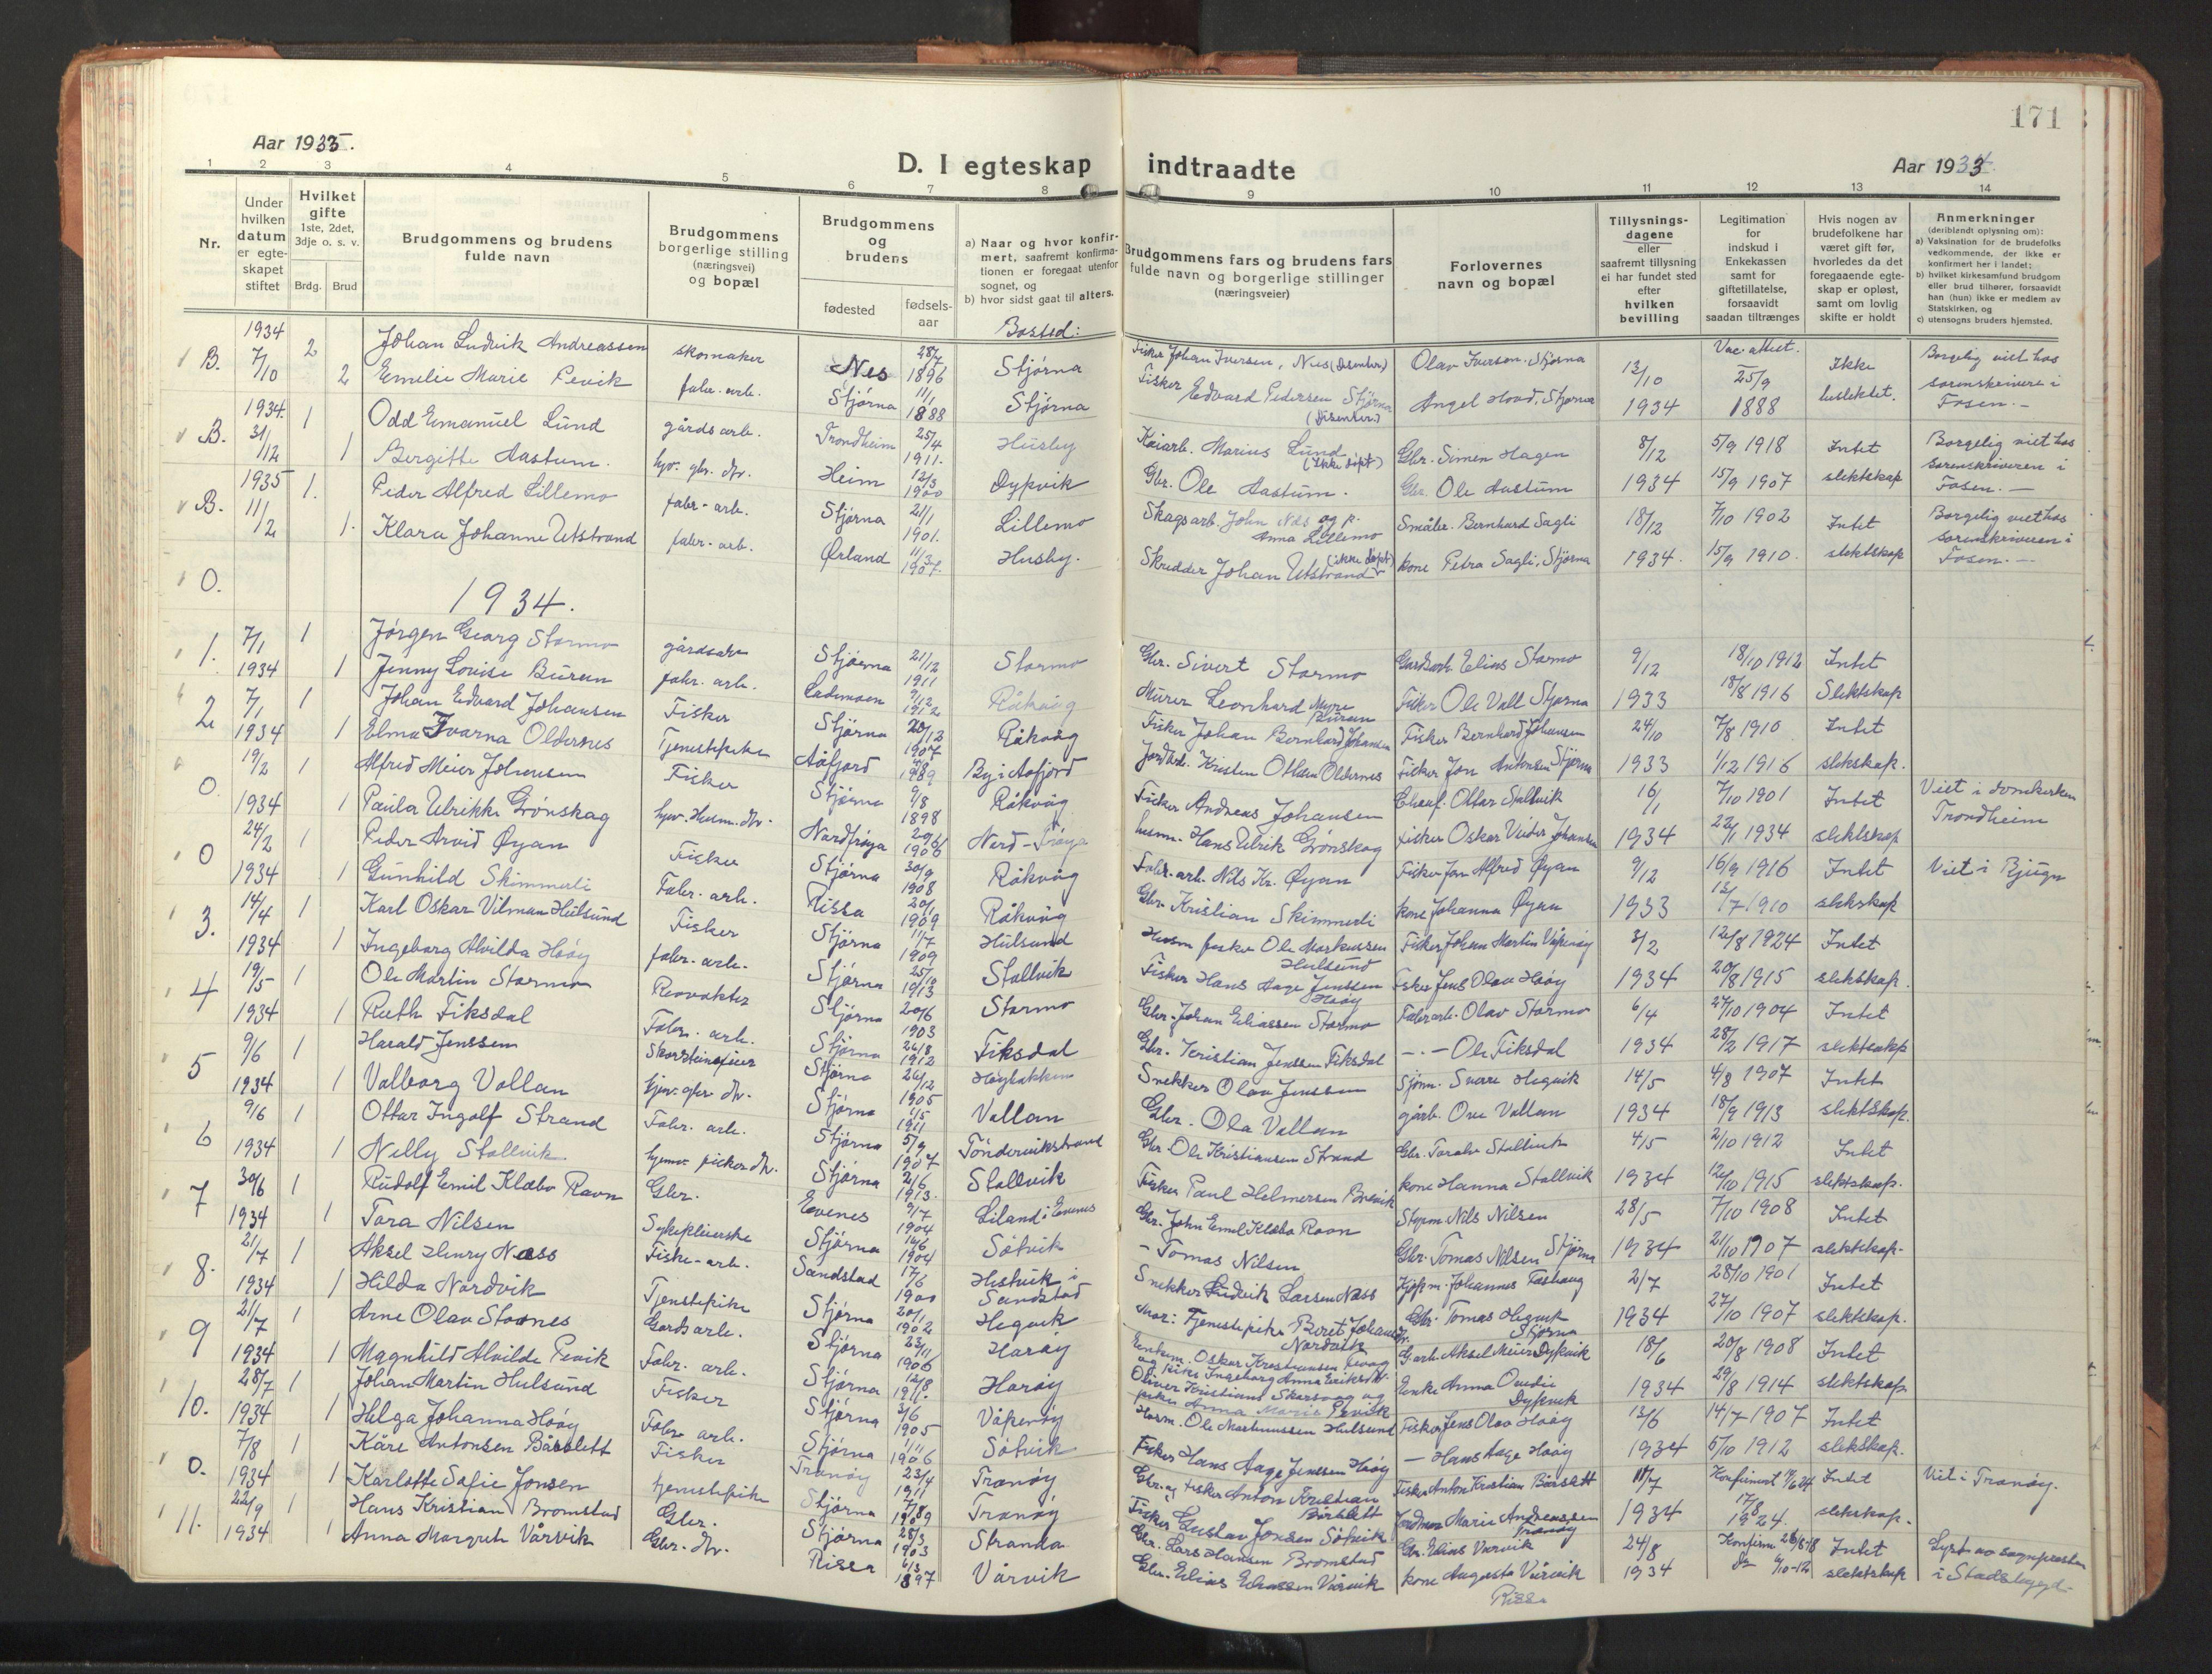 SAT, Ministerialprotokoller, klokkerbøker og fødselsregistre - Sør-Trøndelag, 653/L0658: Klokkerbok nr. 653C02, 1919-1947, s. 171